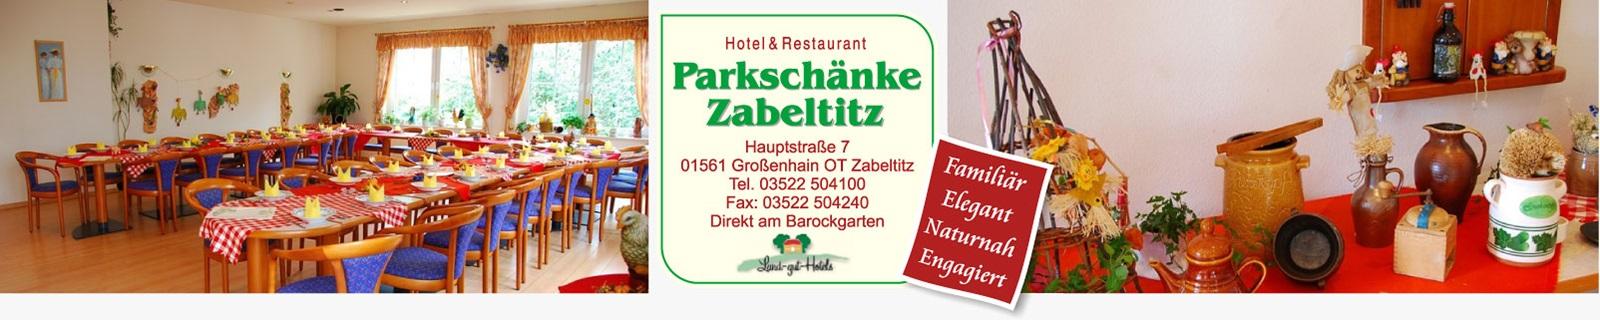 Das Hotel in der Röderaue mit Hochzeitssuite direkt am Barockgarten